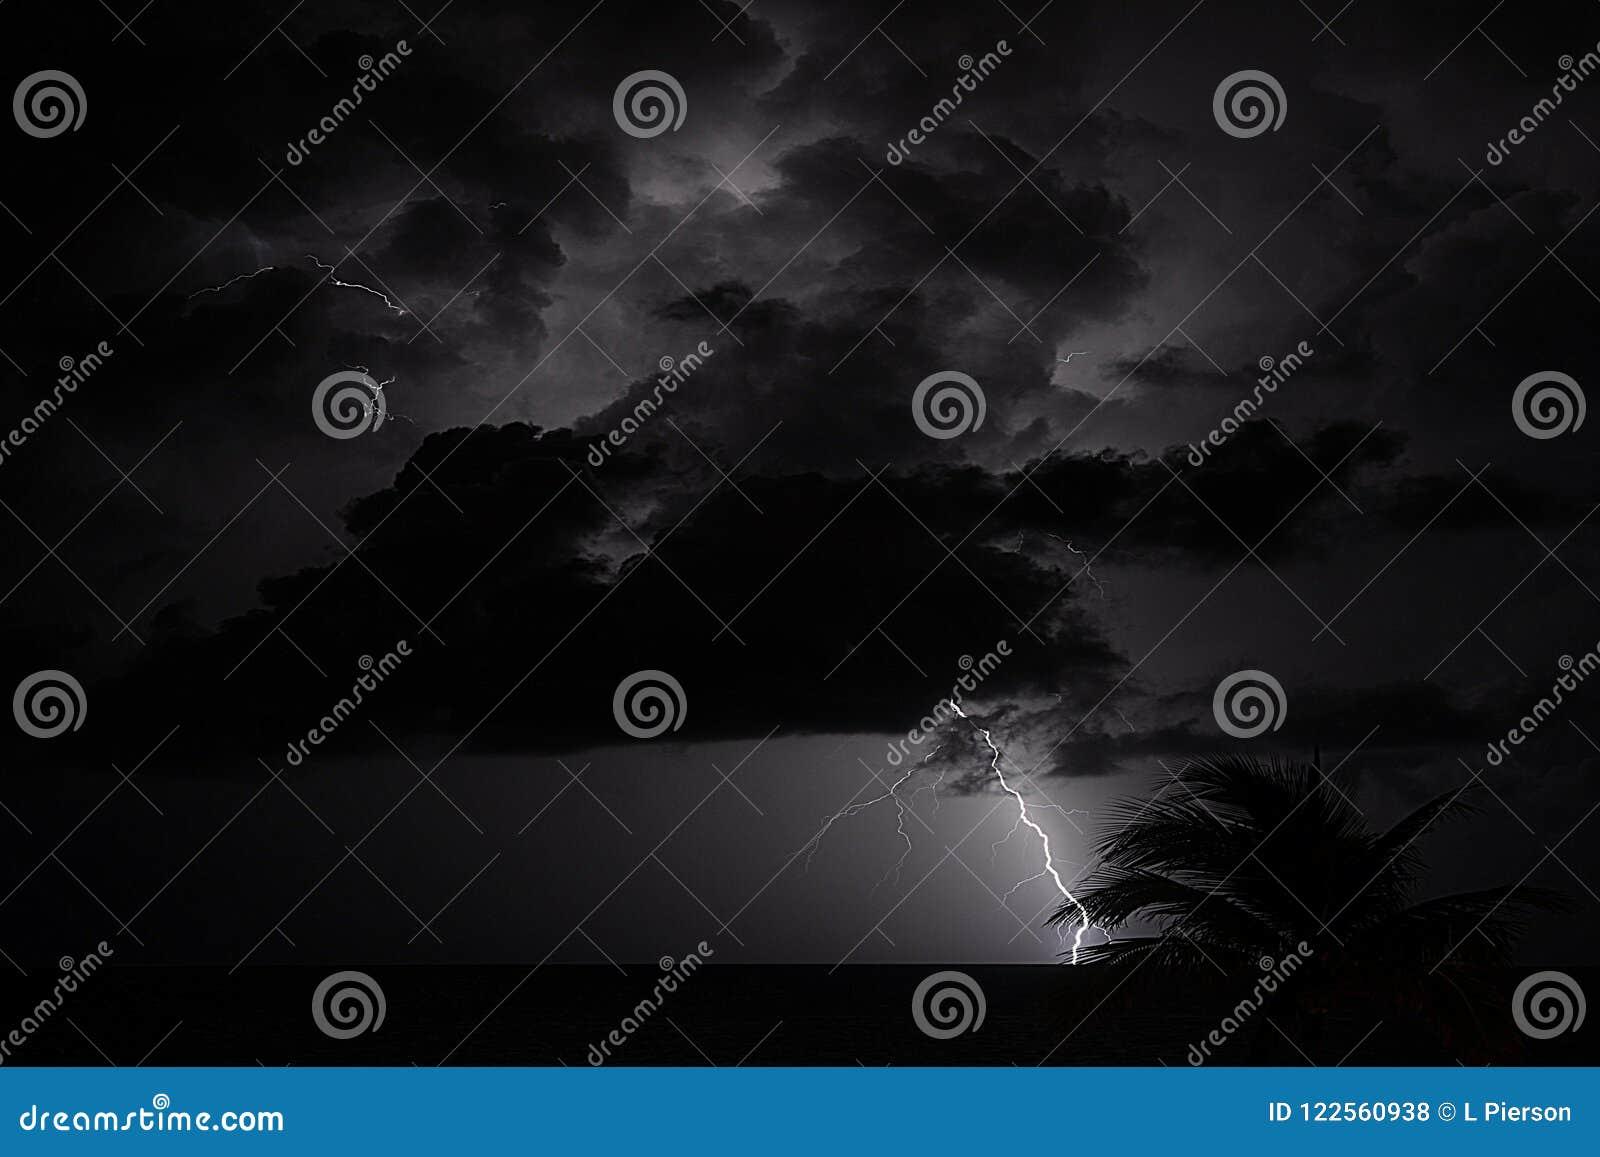 Штормы океана во время тропического лета часто показывают драматические поединки грома и молнии